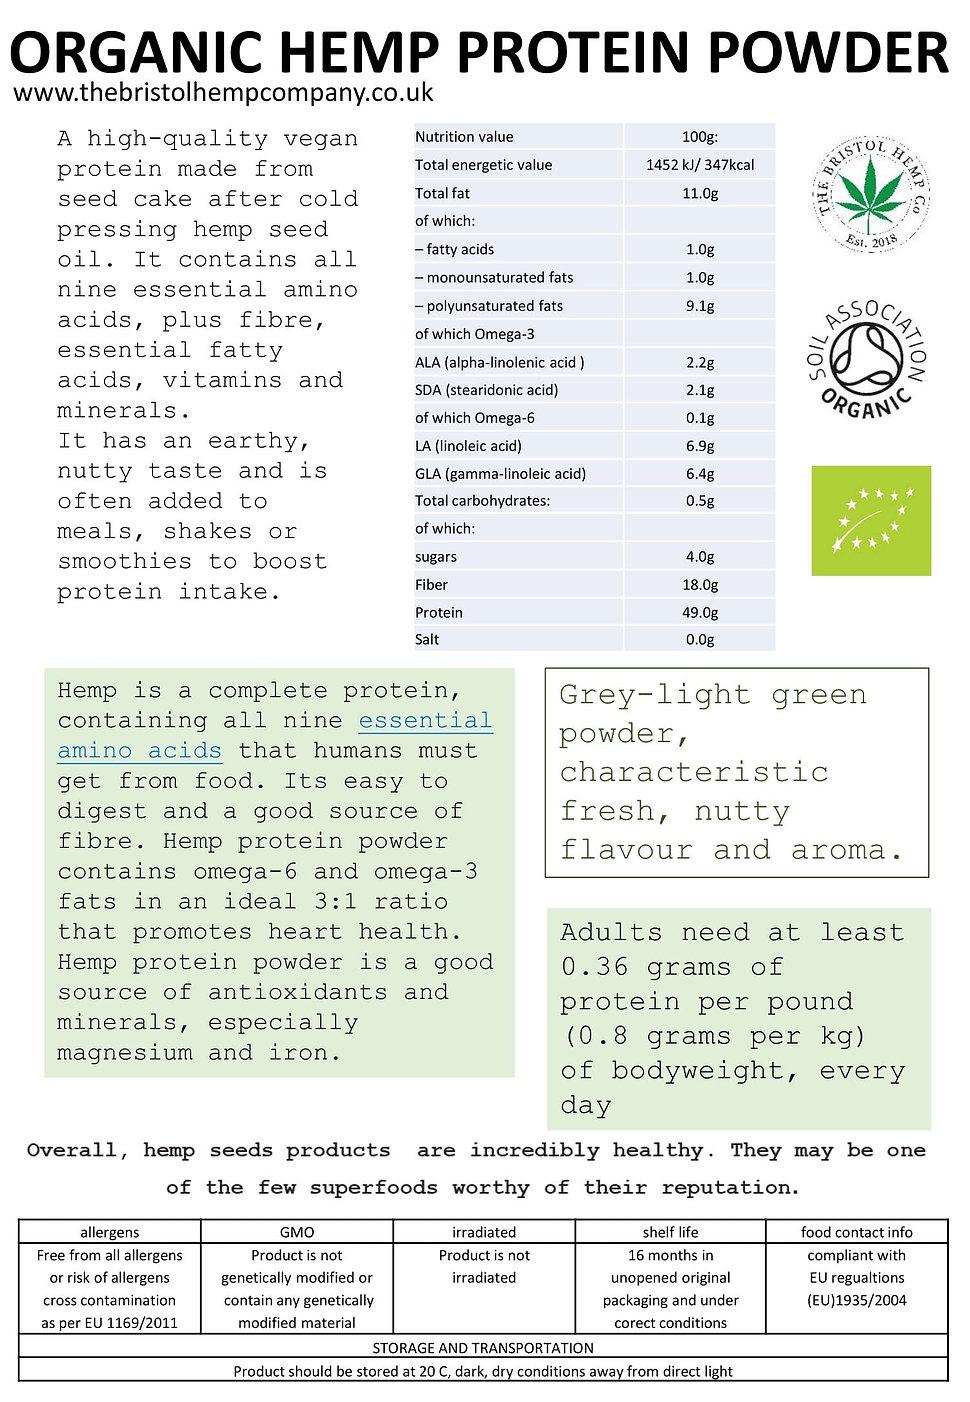 protein powder description BHC.jpg